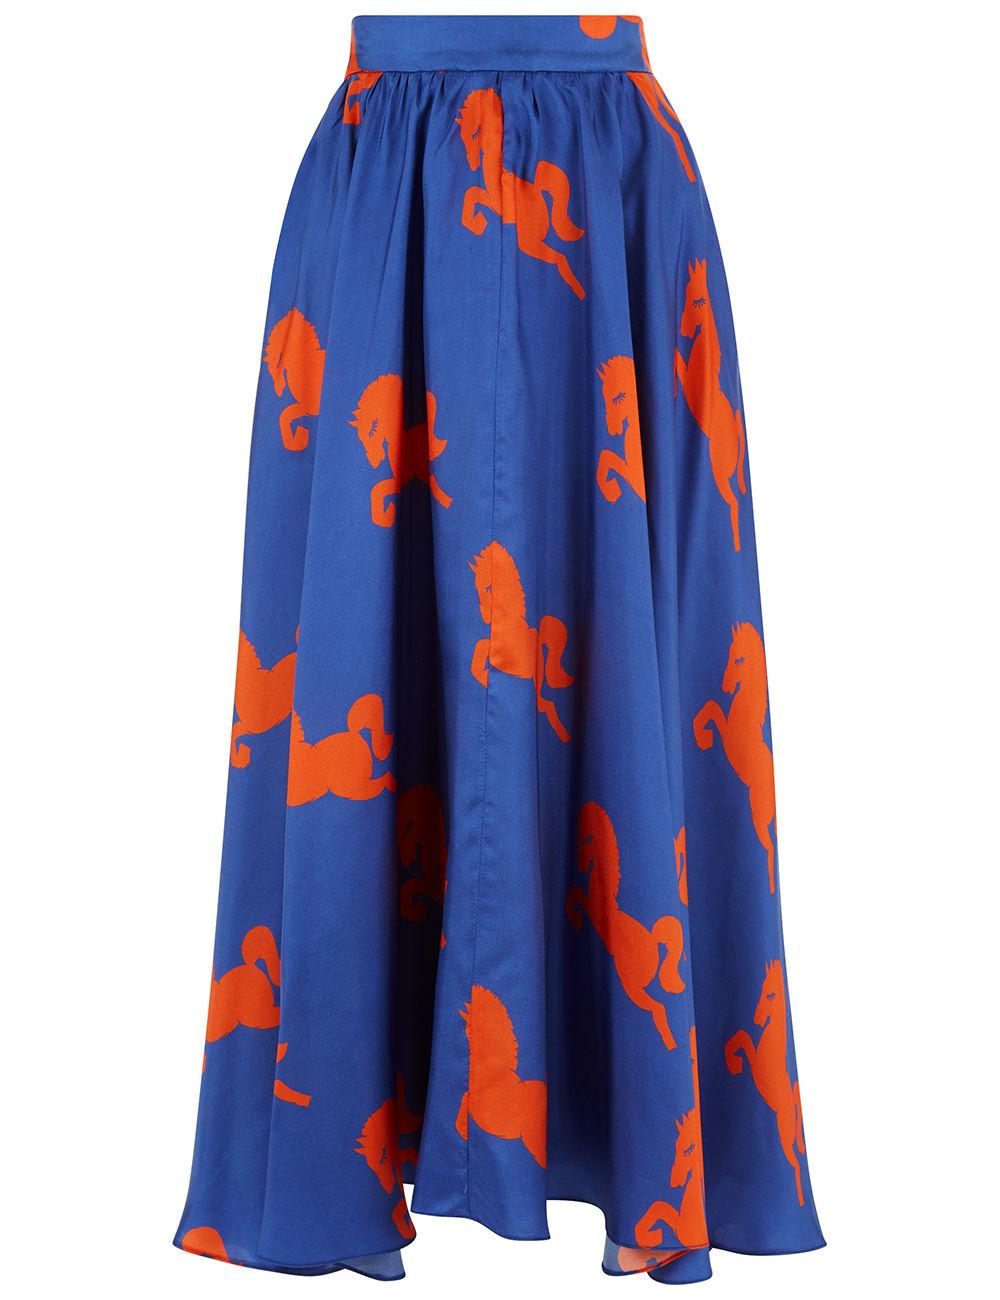 Blue Silk Horse Print Dressage Skirt. MACGRAW. $595.